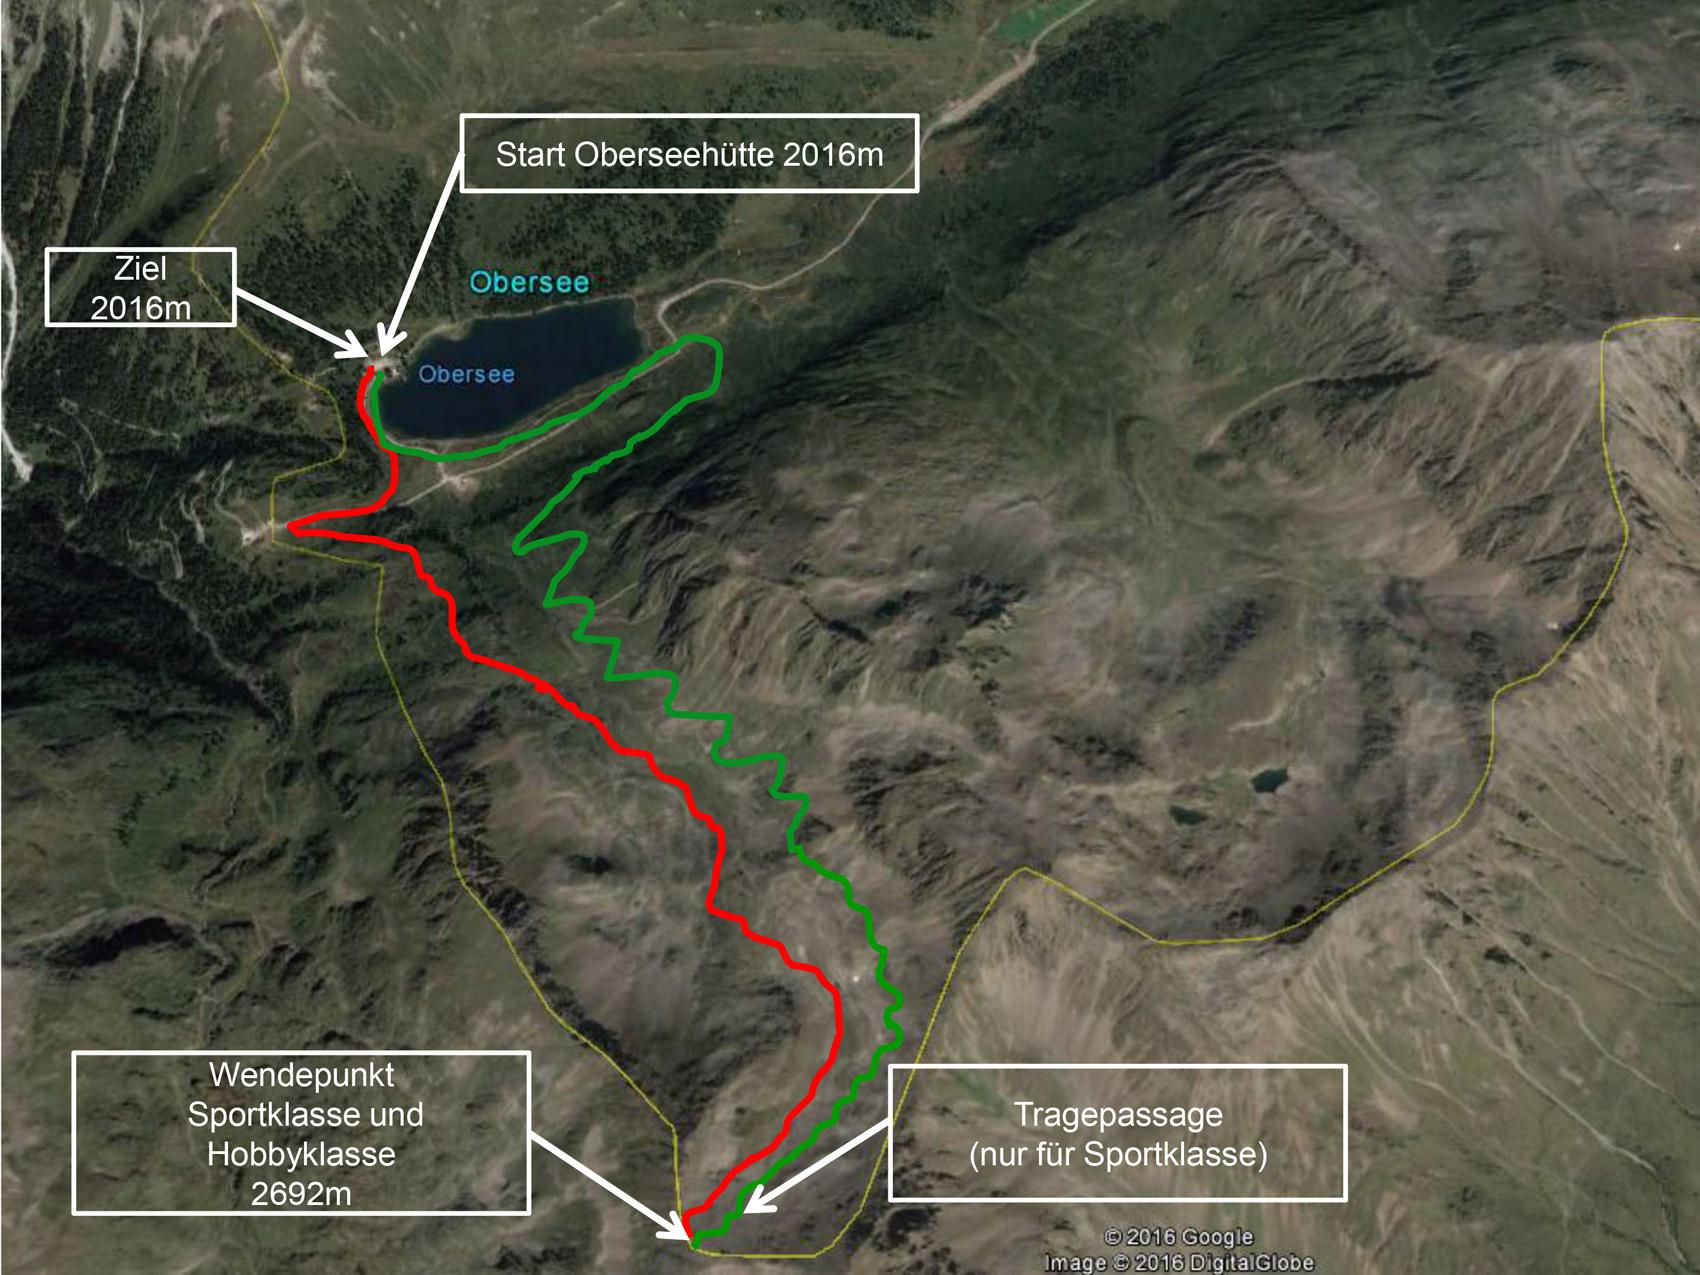 Die Strecke der Oberseetrophy 2018